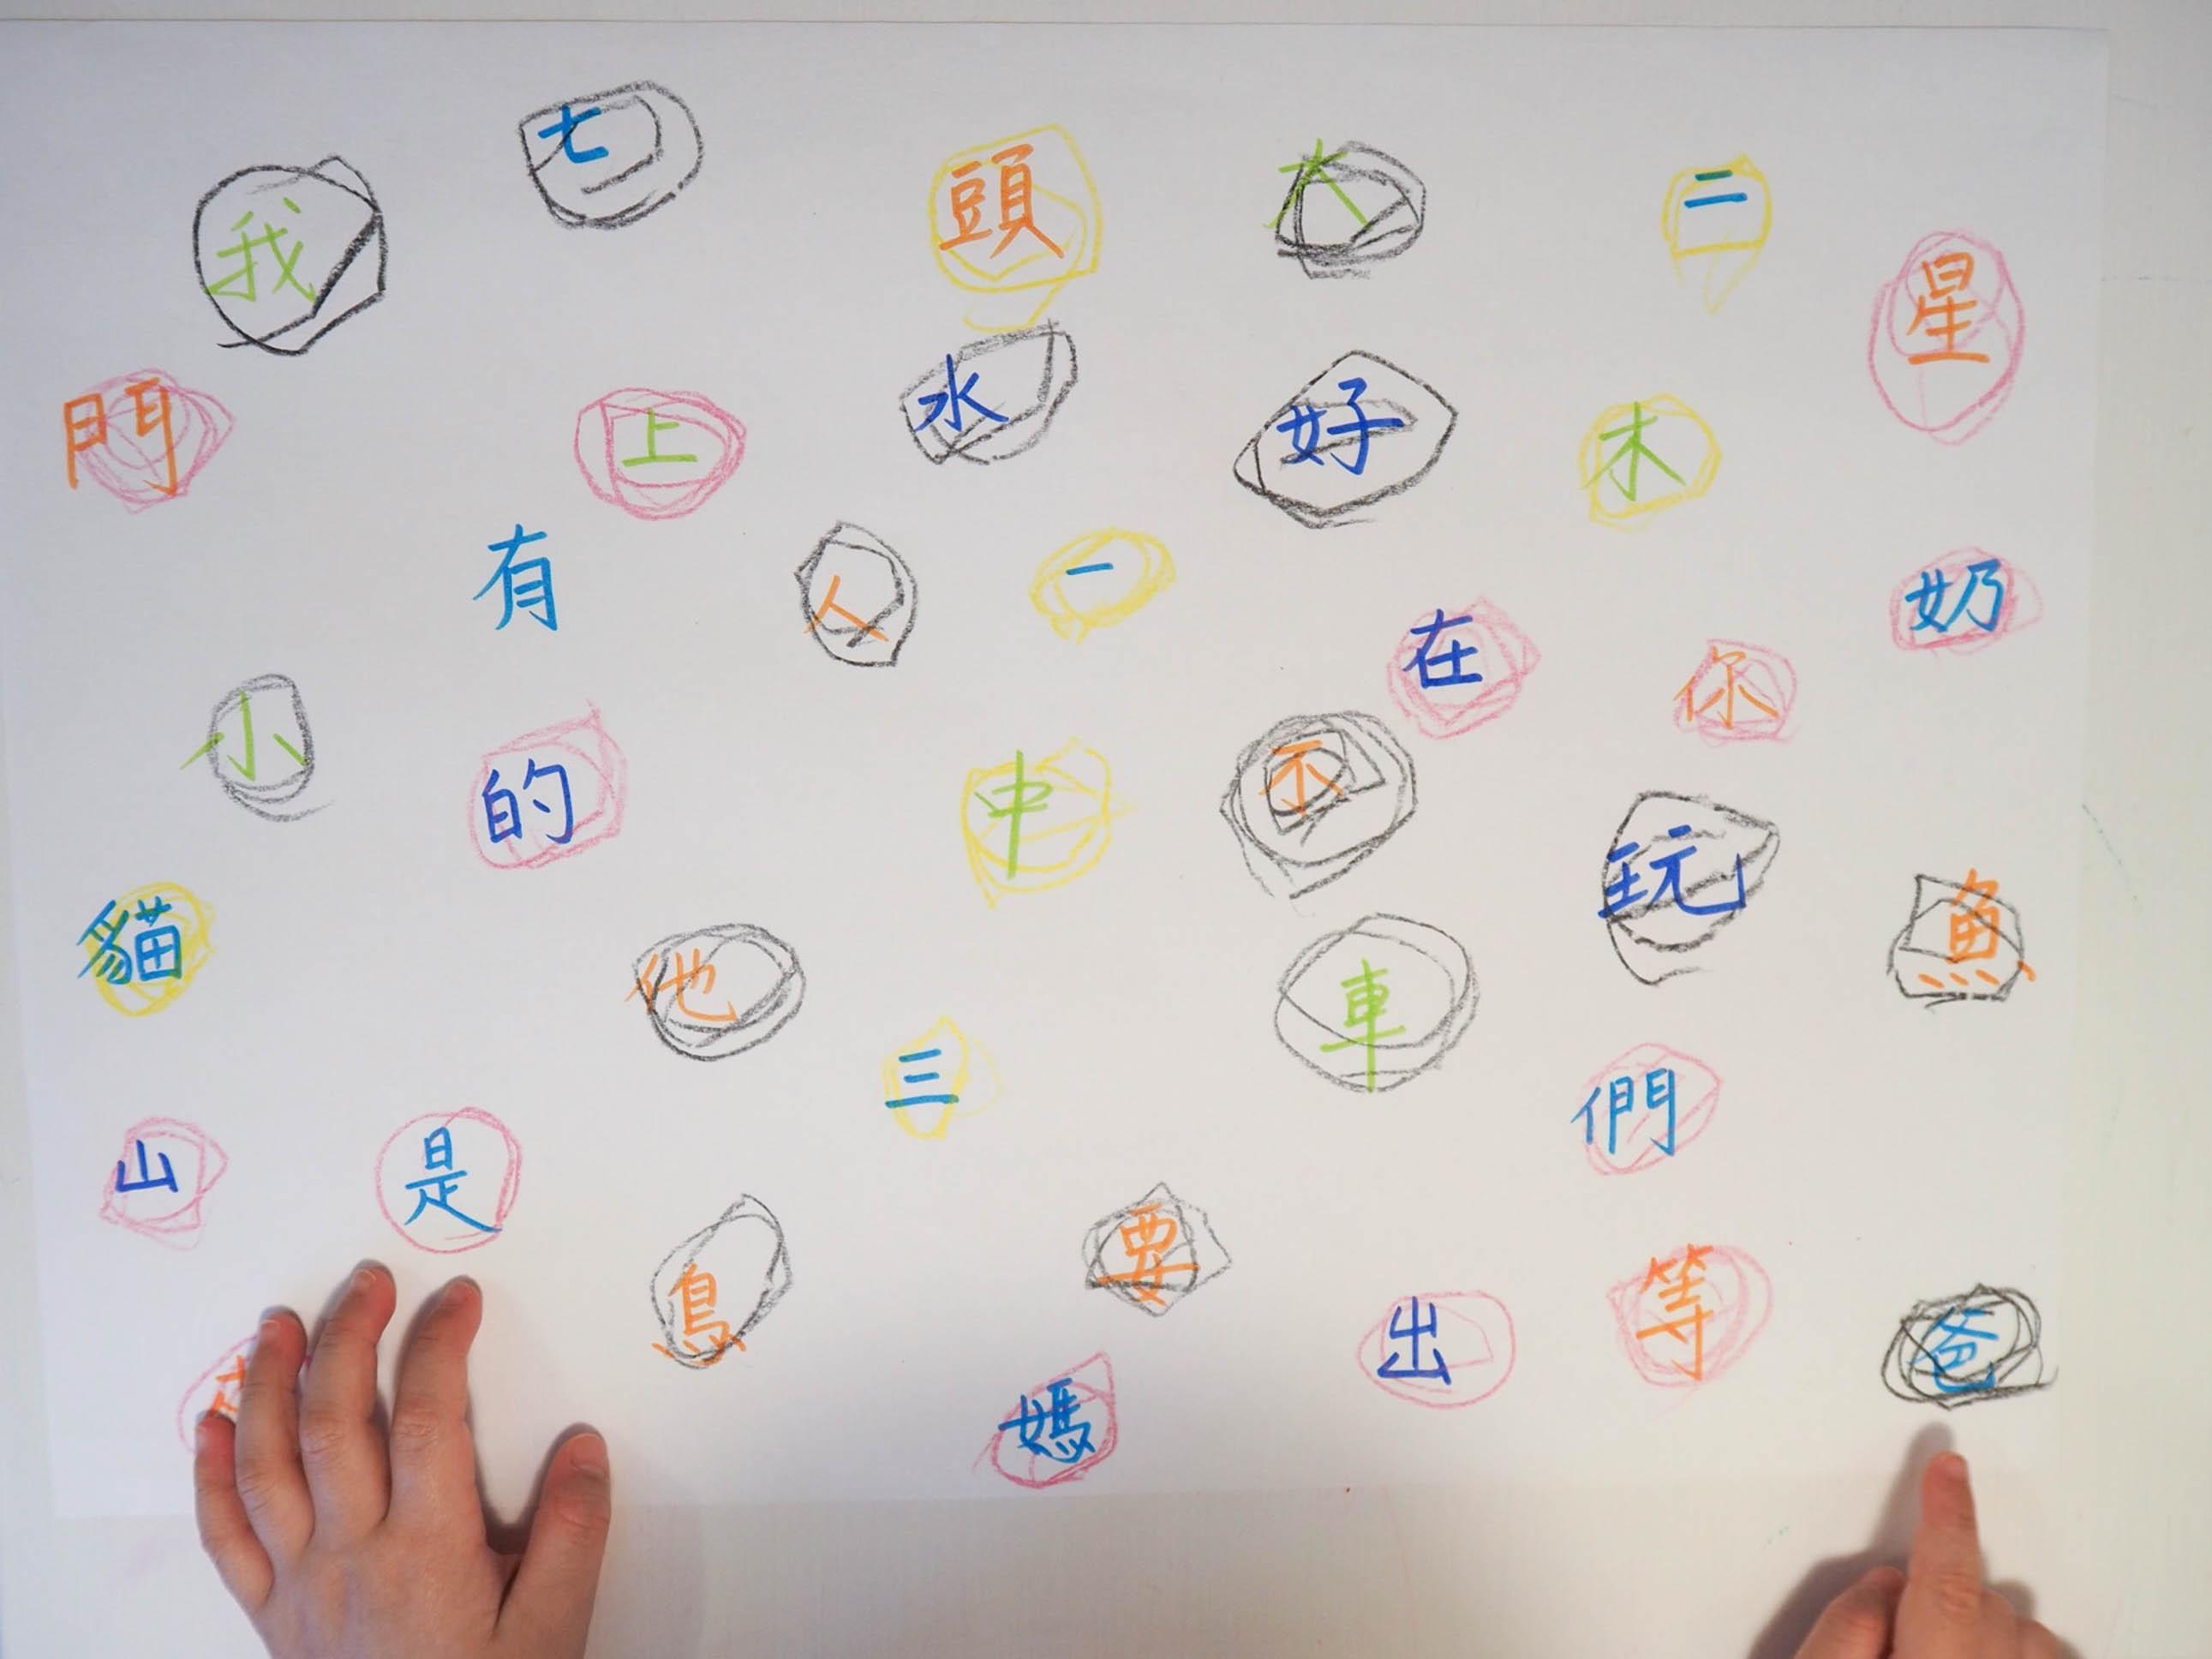 圈字遊戲 Letter Sleuth